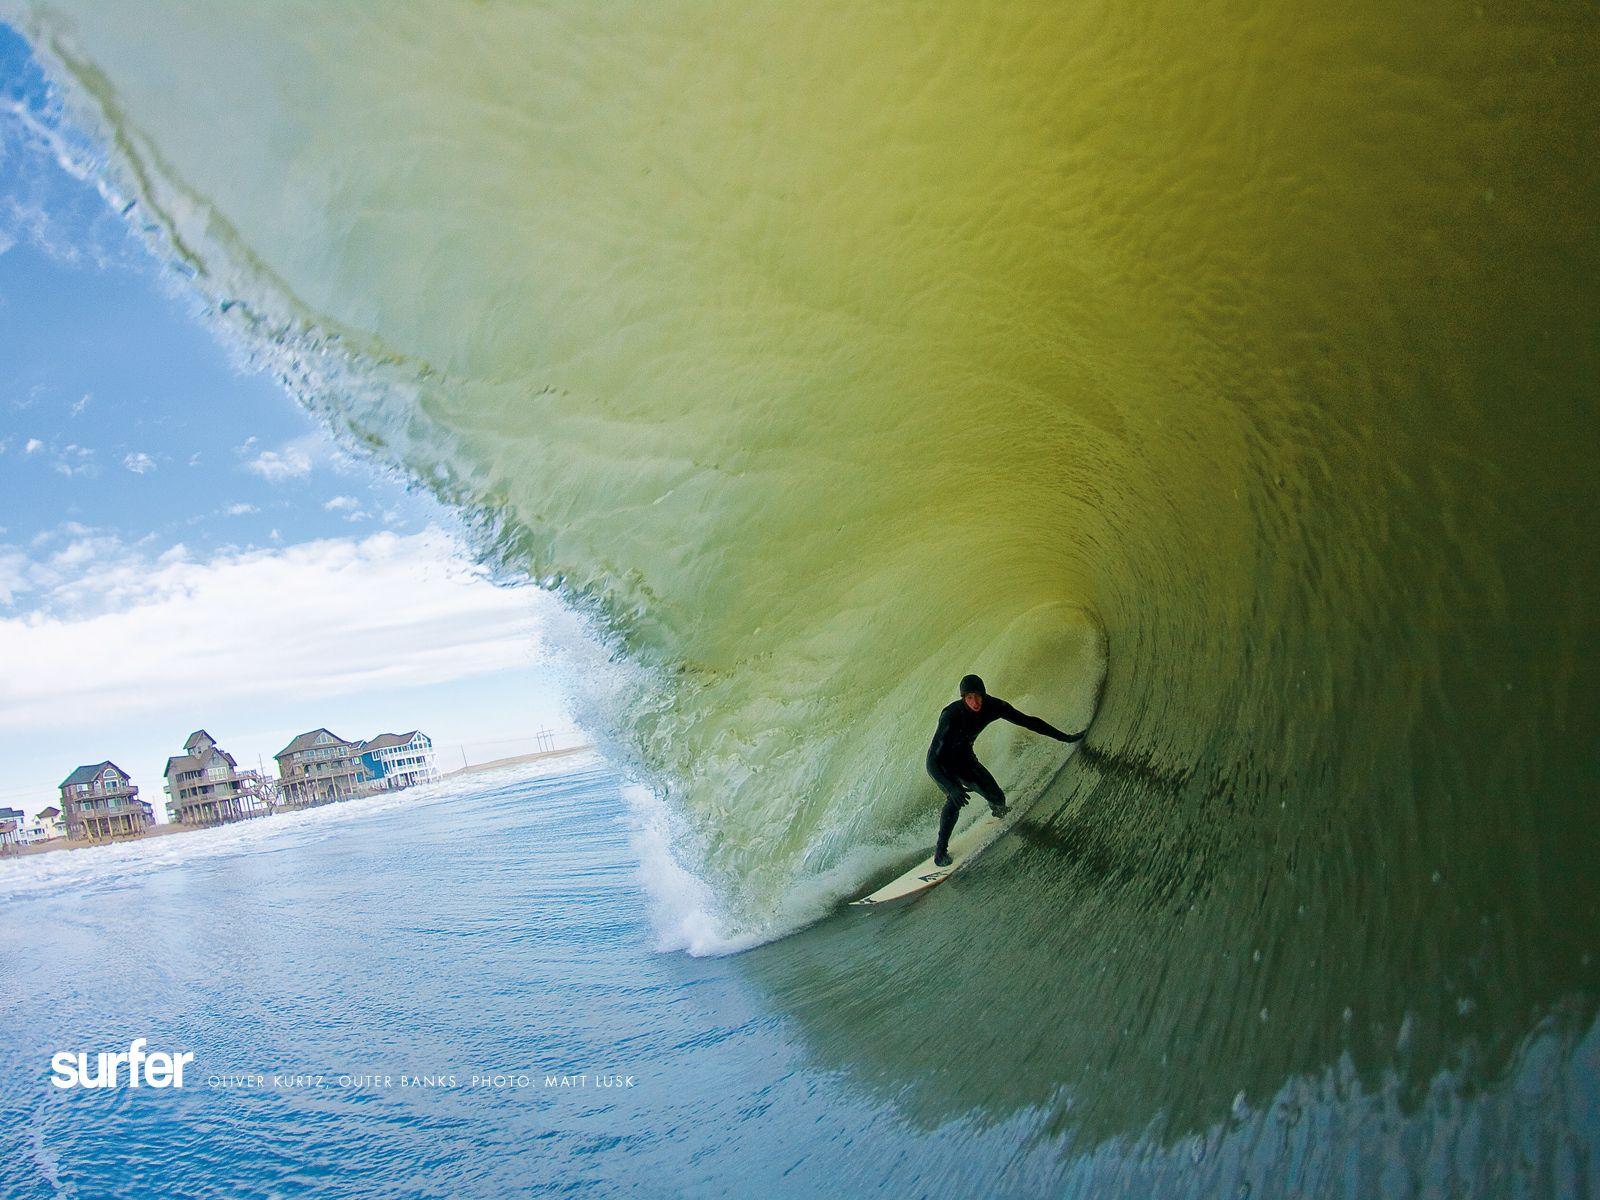 Love Surfing Surfing Surfing Wallpaper Surfer Magazine